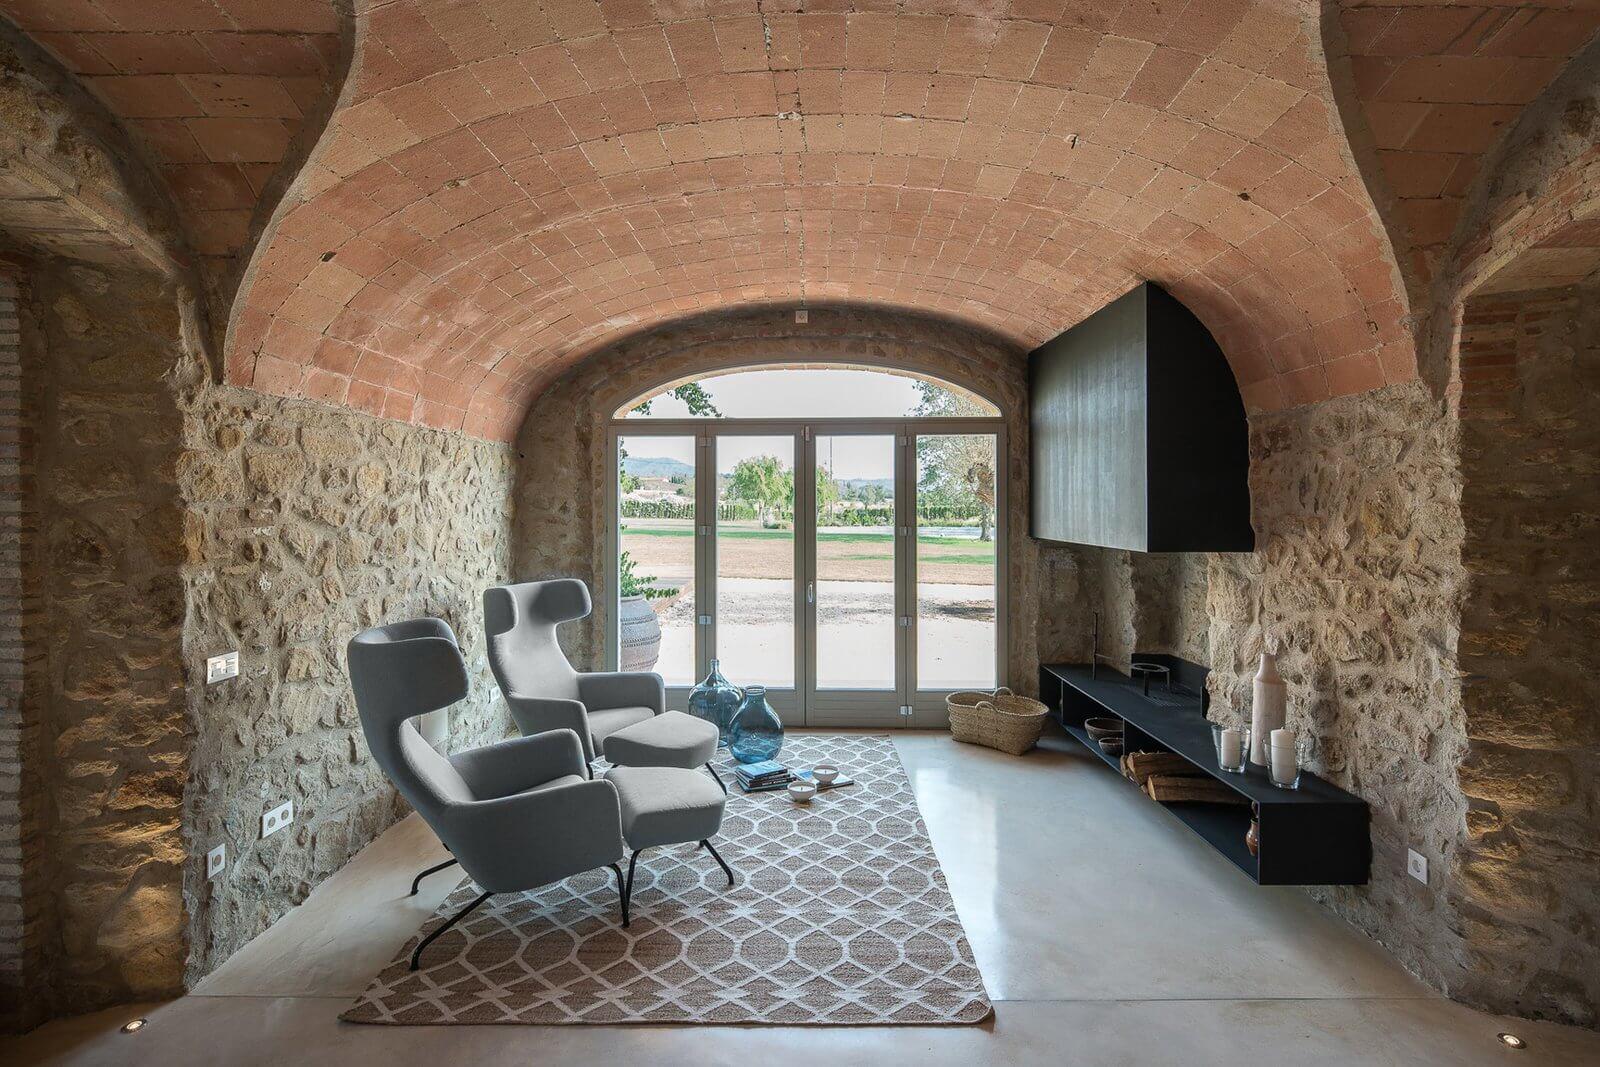 Kortárs FARMHÁZ Spanyolországban - építészet: Gloria Duran Estudio de Arquitectura fotó: Miquel Coll